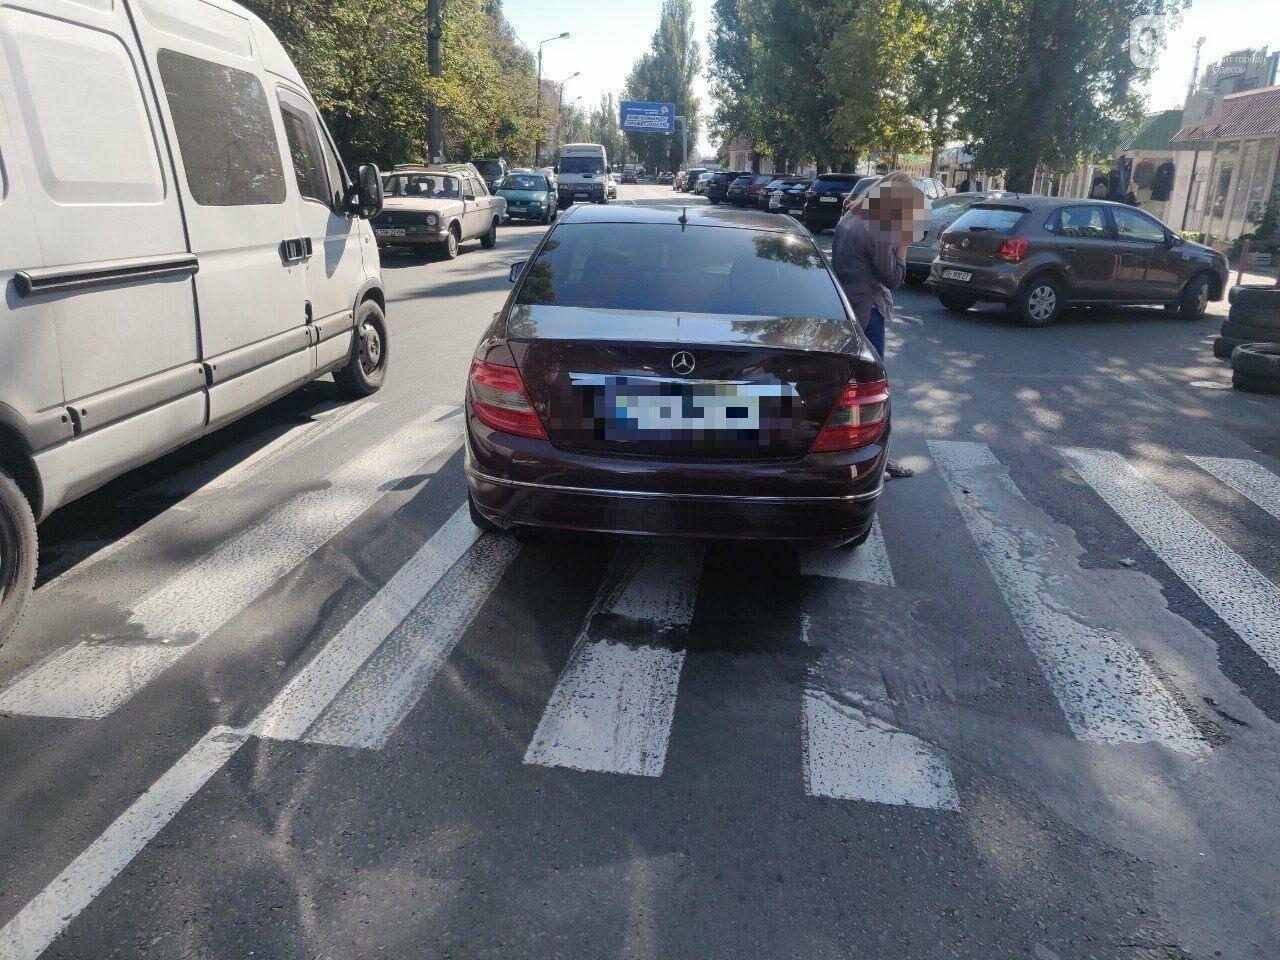 В Одессе водитель Мерседеса сбила пожилую женщину на зебре, - ФОТО1